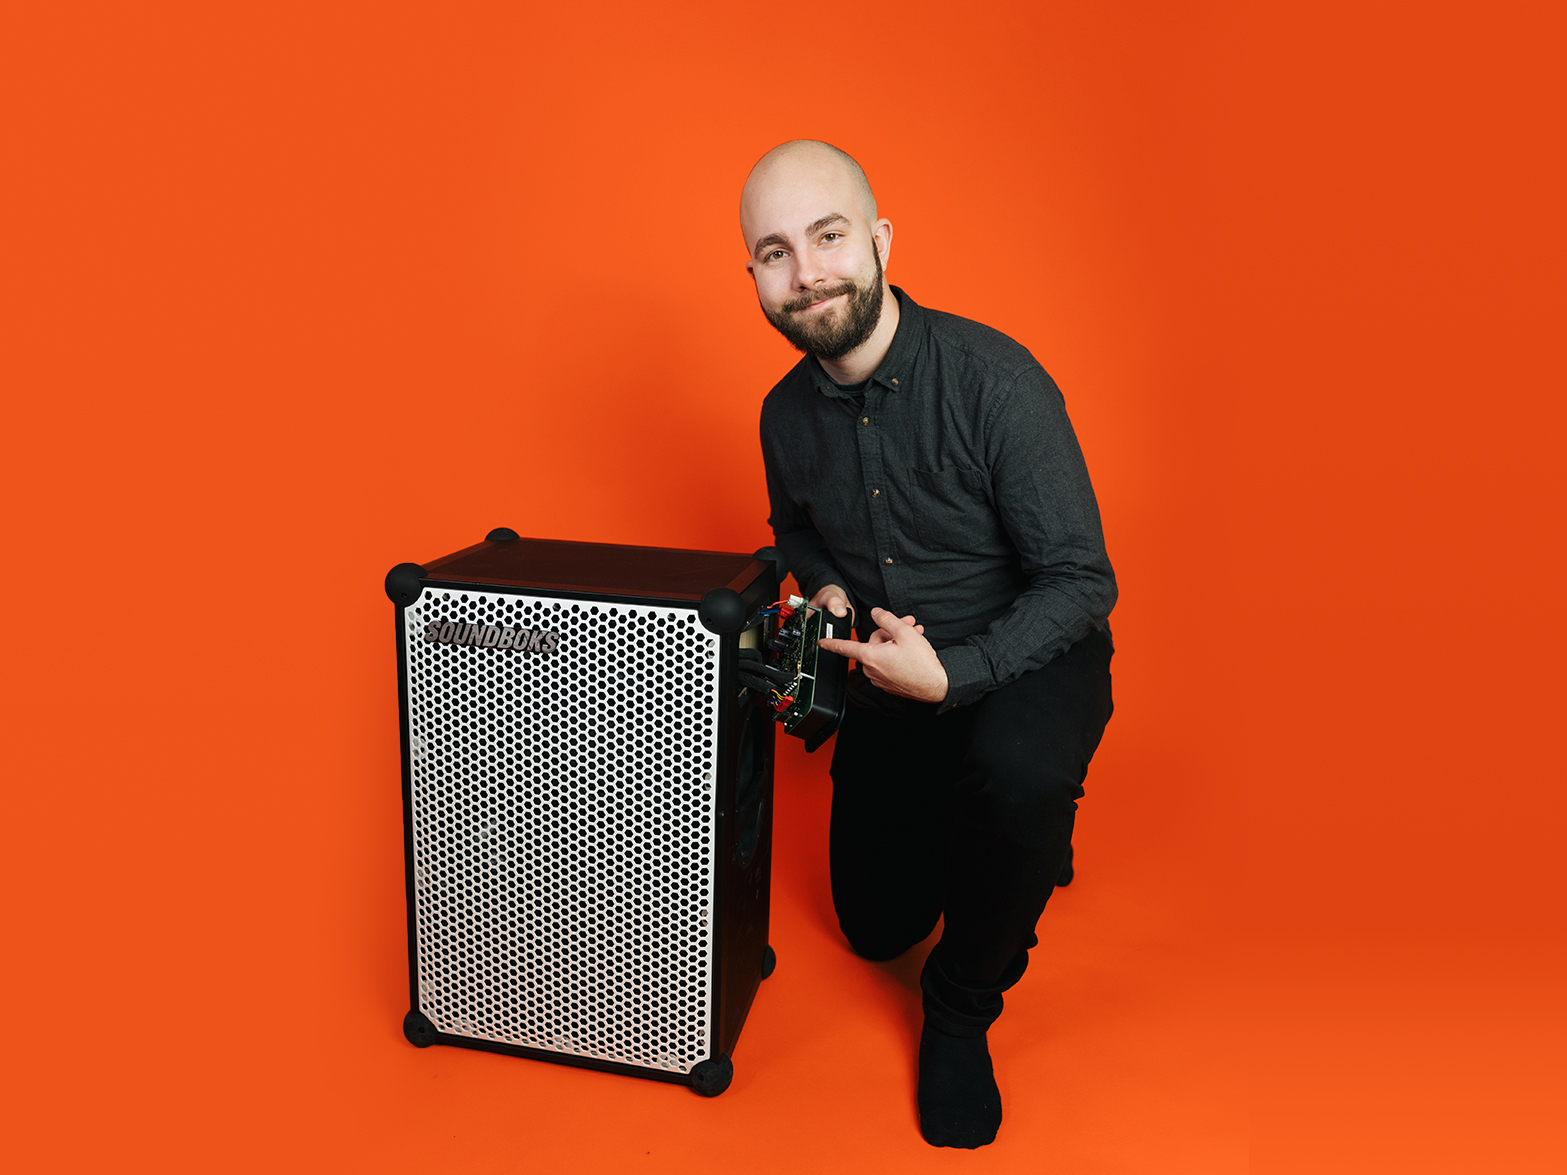 David, SOUNDBOKS developer in front of an orange background